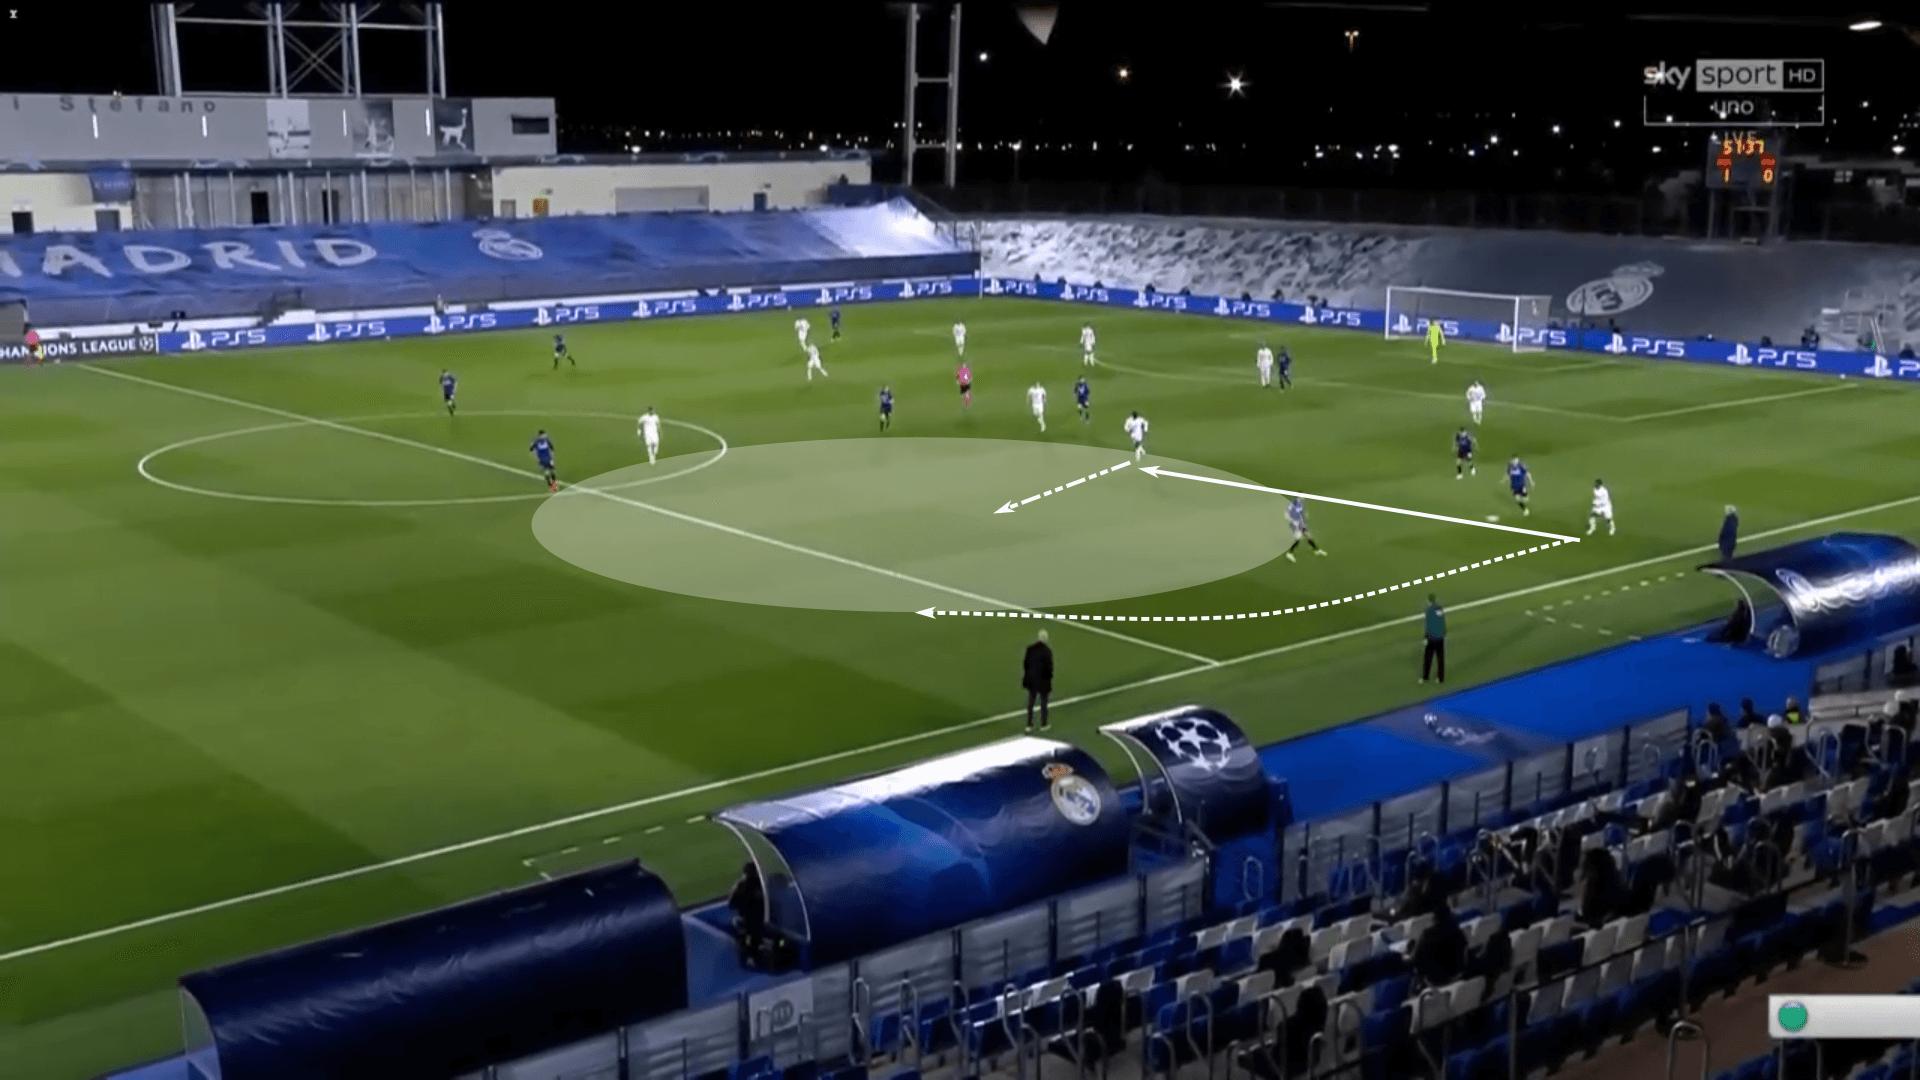 UEFA Champions League 2020/21: Real Madrid vs Atalanta – tactical analysis tactics